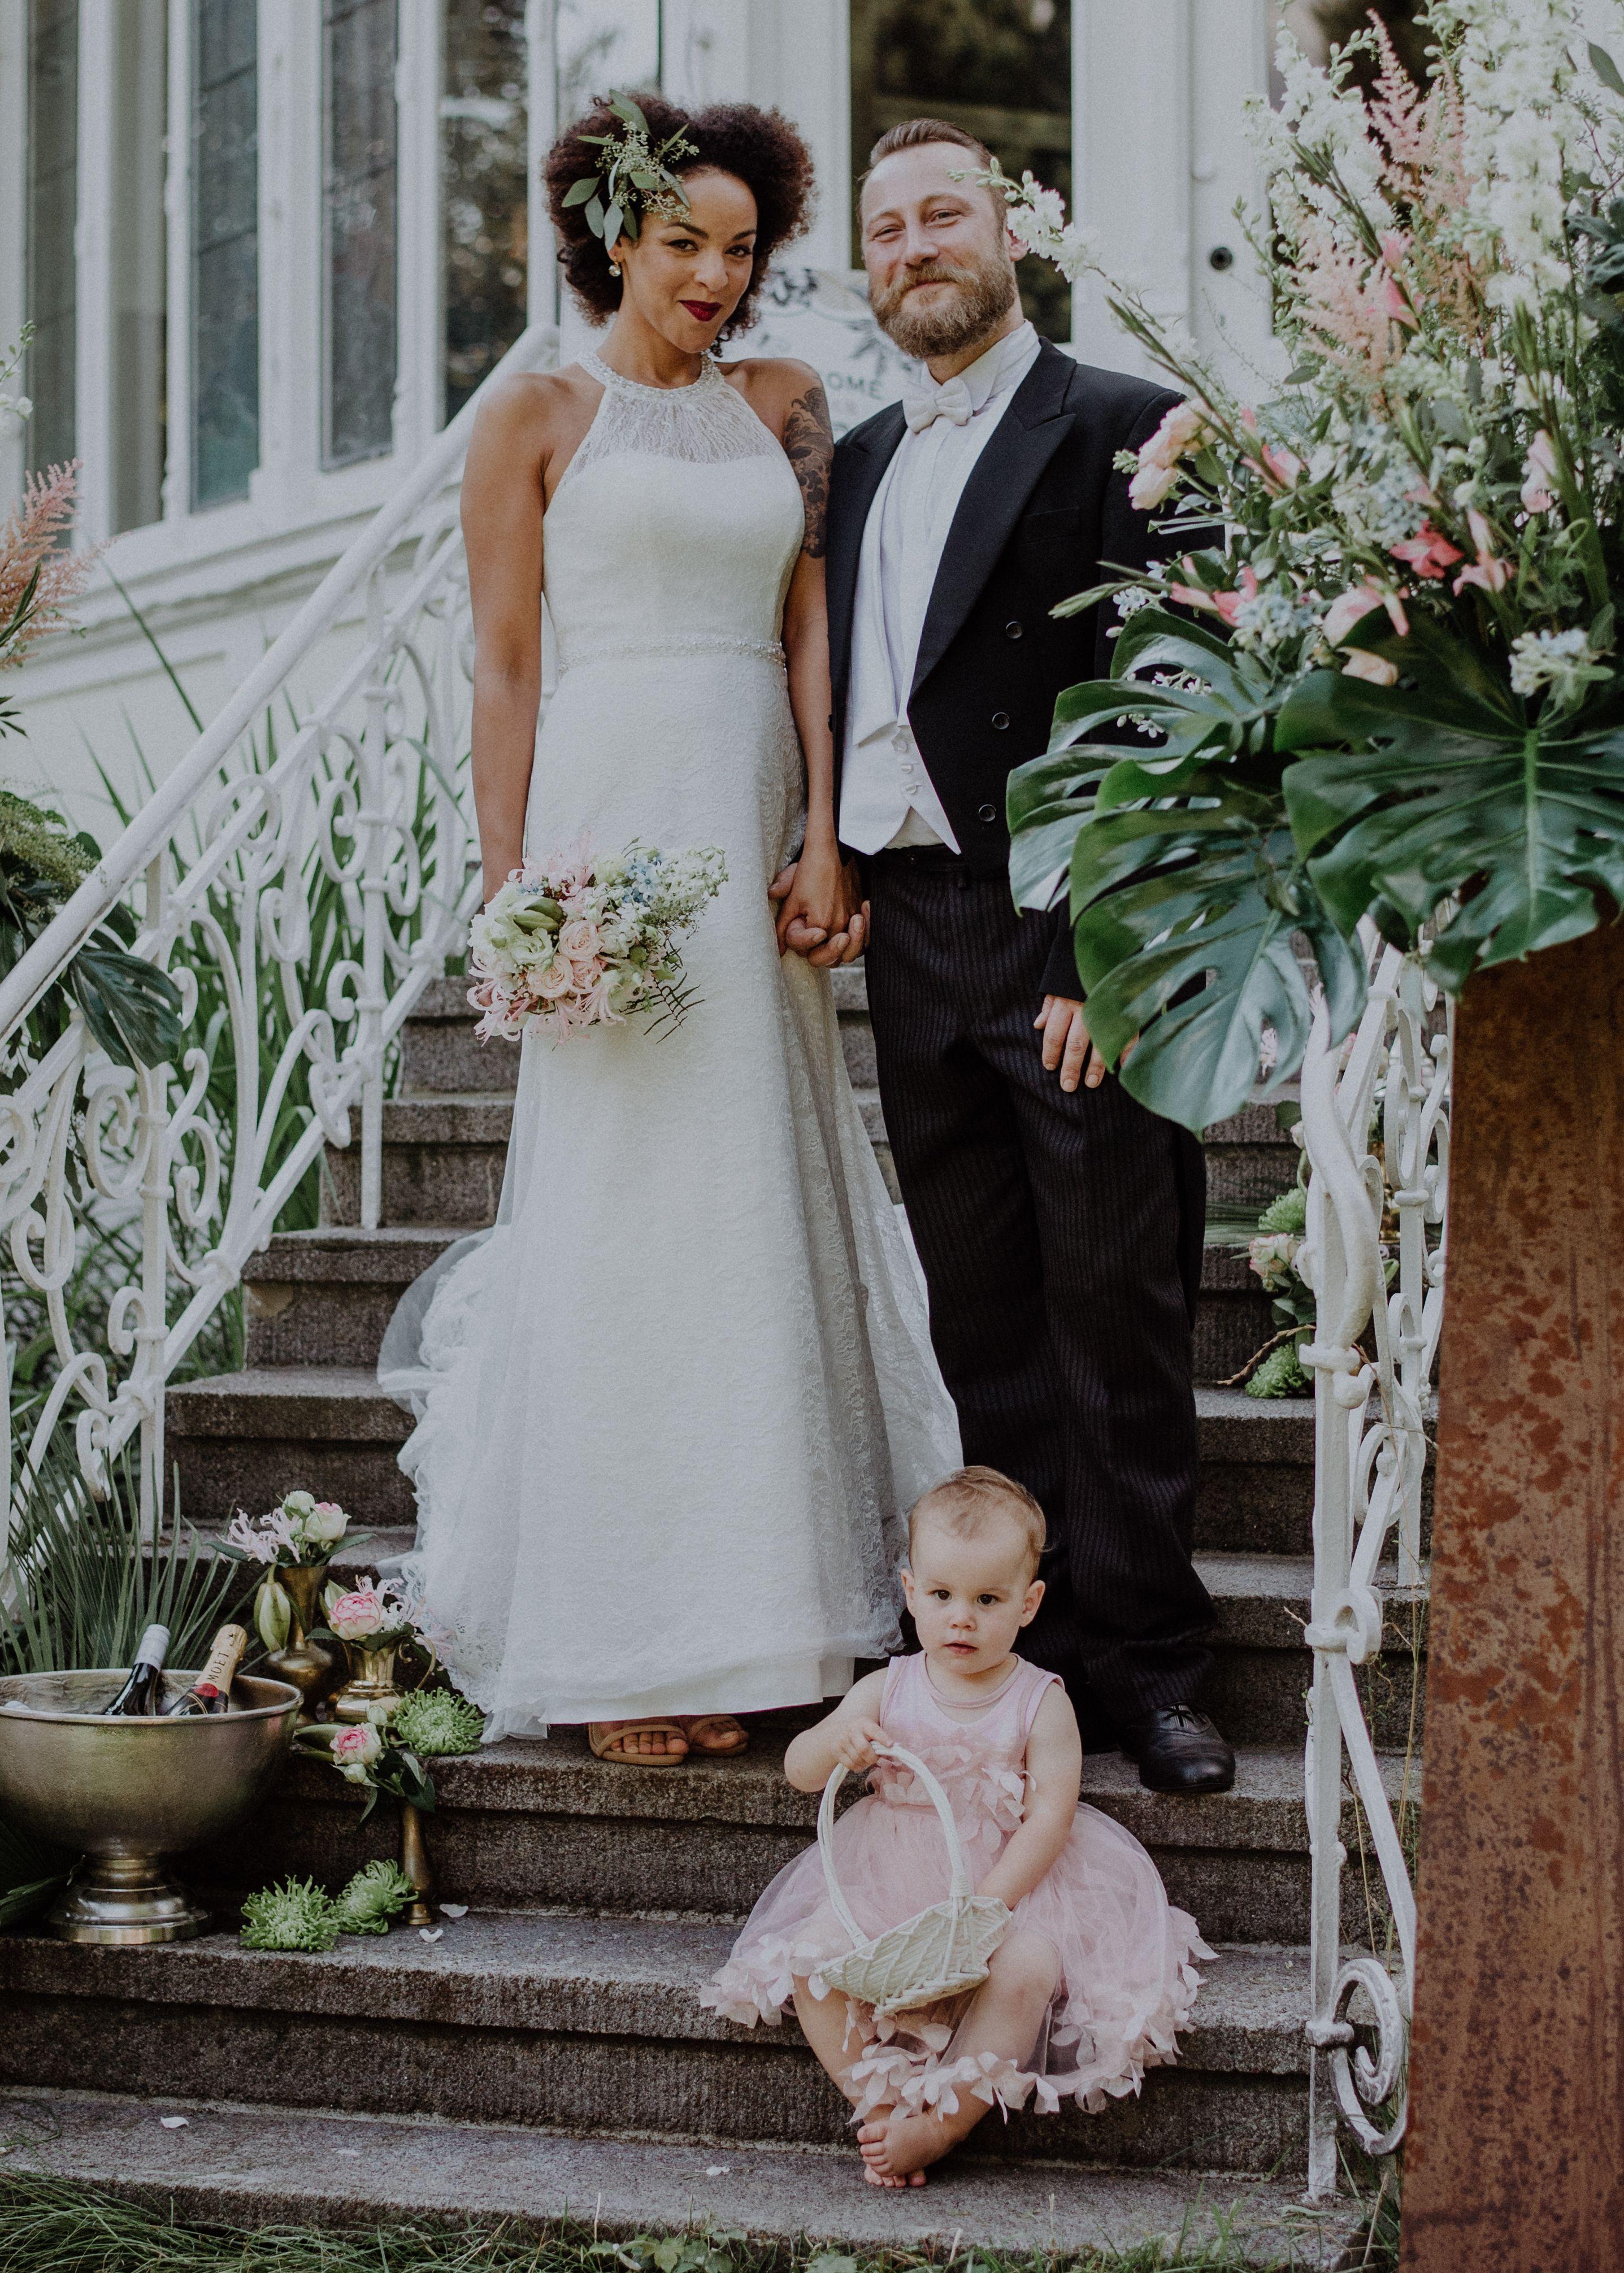 Location Geheimtipp Fur Eure Freie Trauung Trauung Standesamtliche Trauung Hochzeit